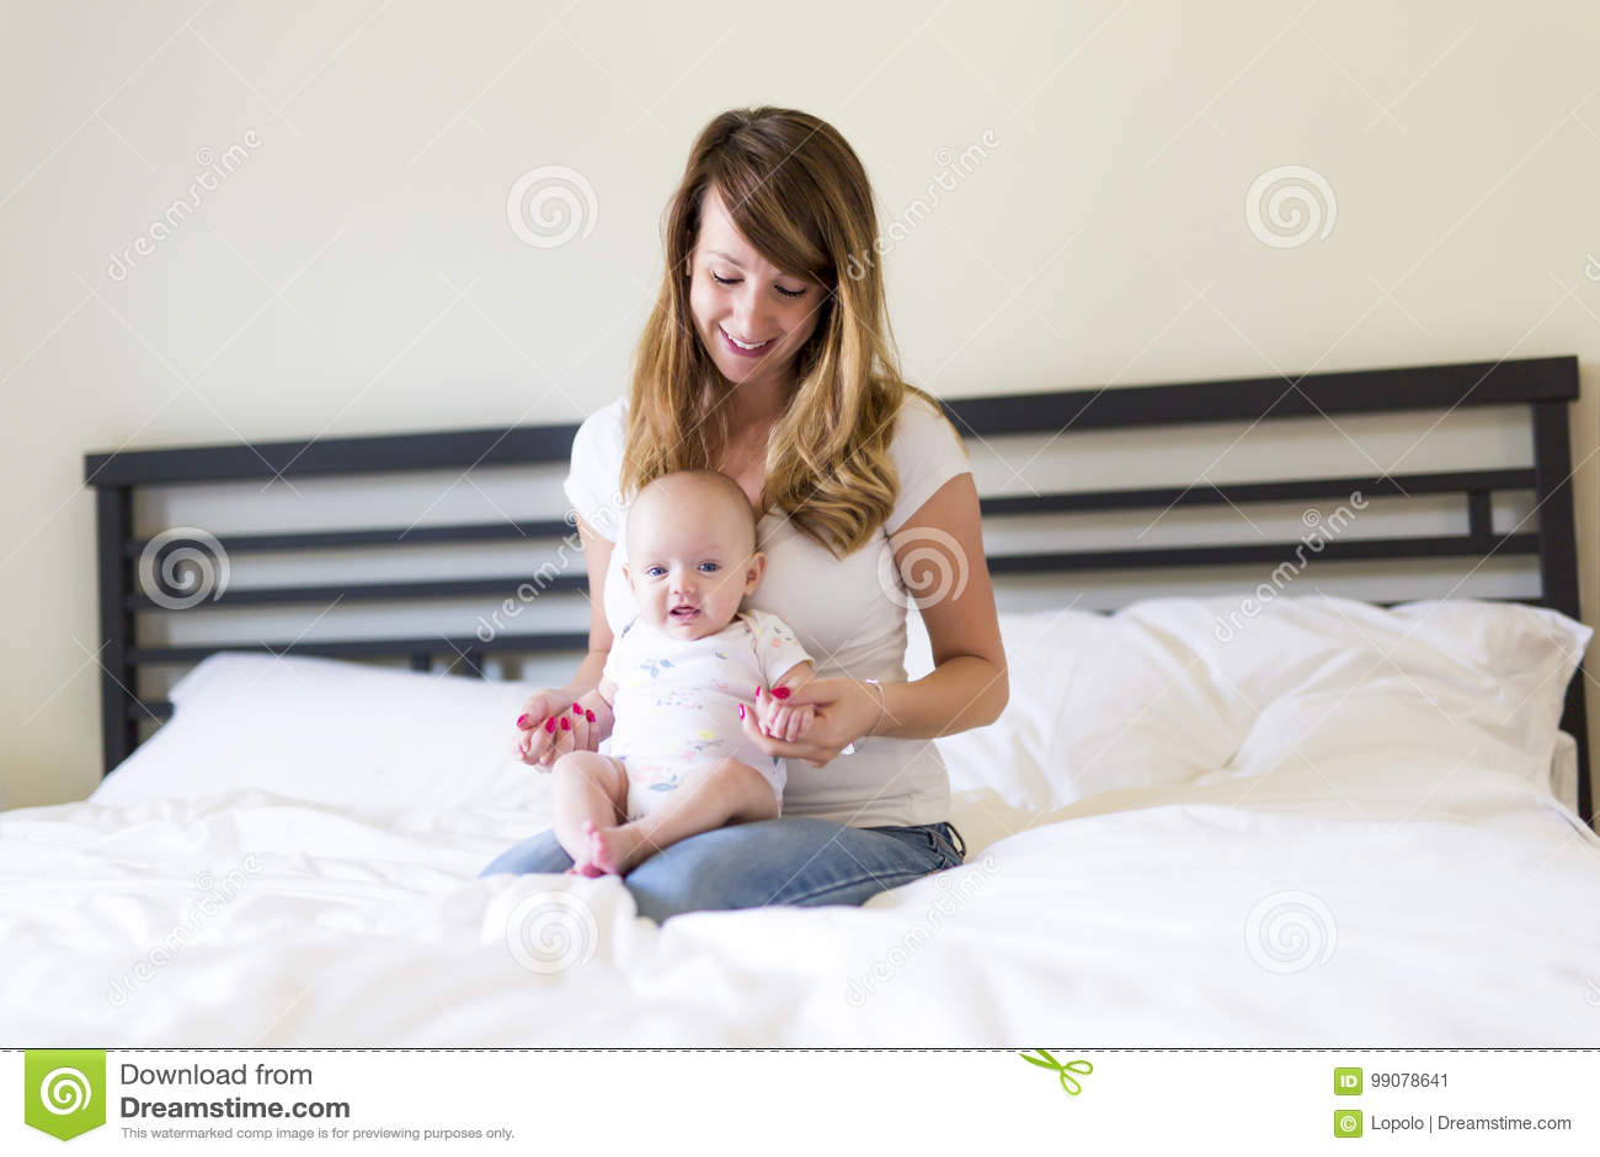 Portrait de mère avec son bébé de bébé de 3 mois dans la chambre à coucher